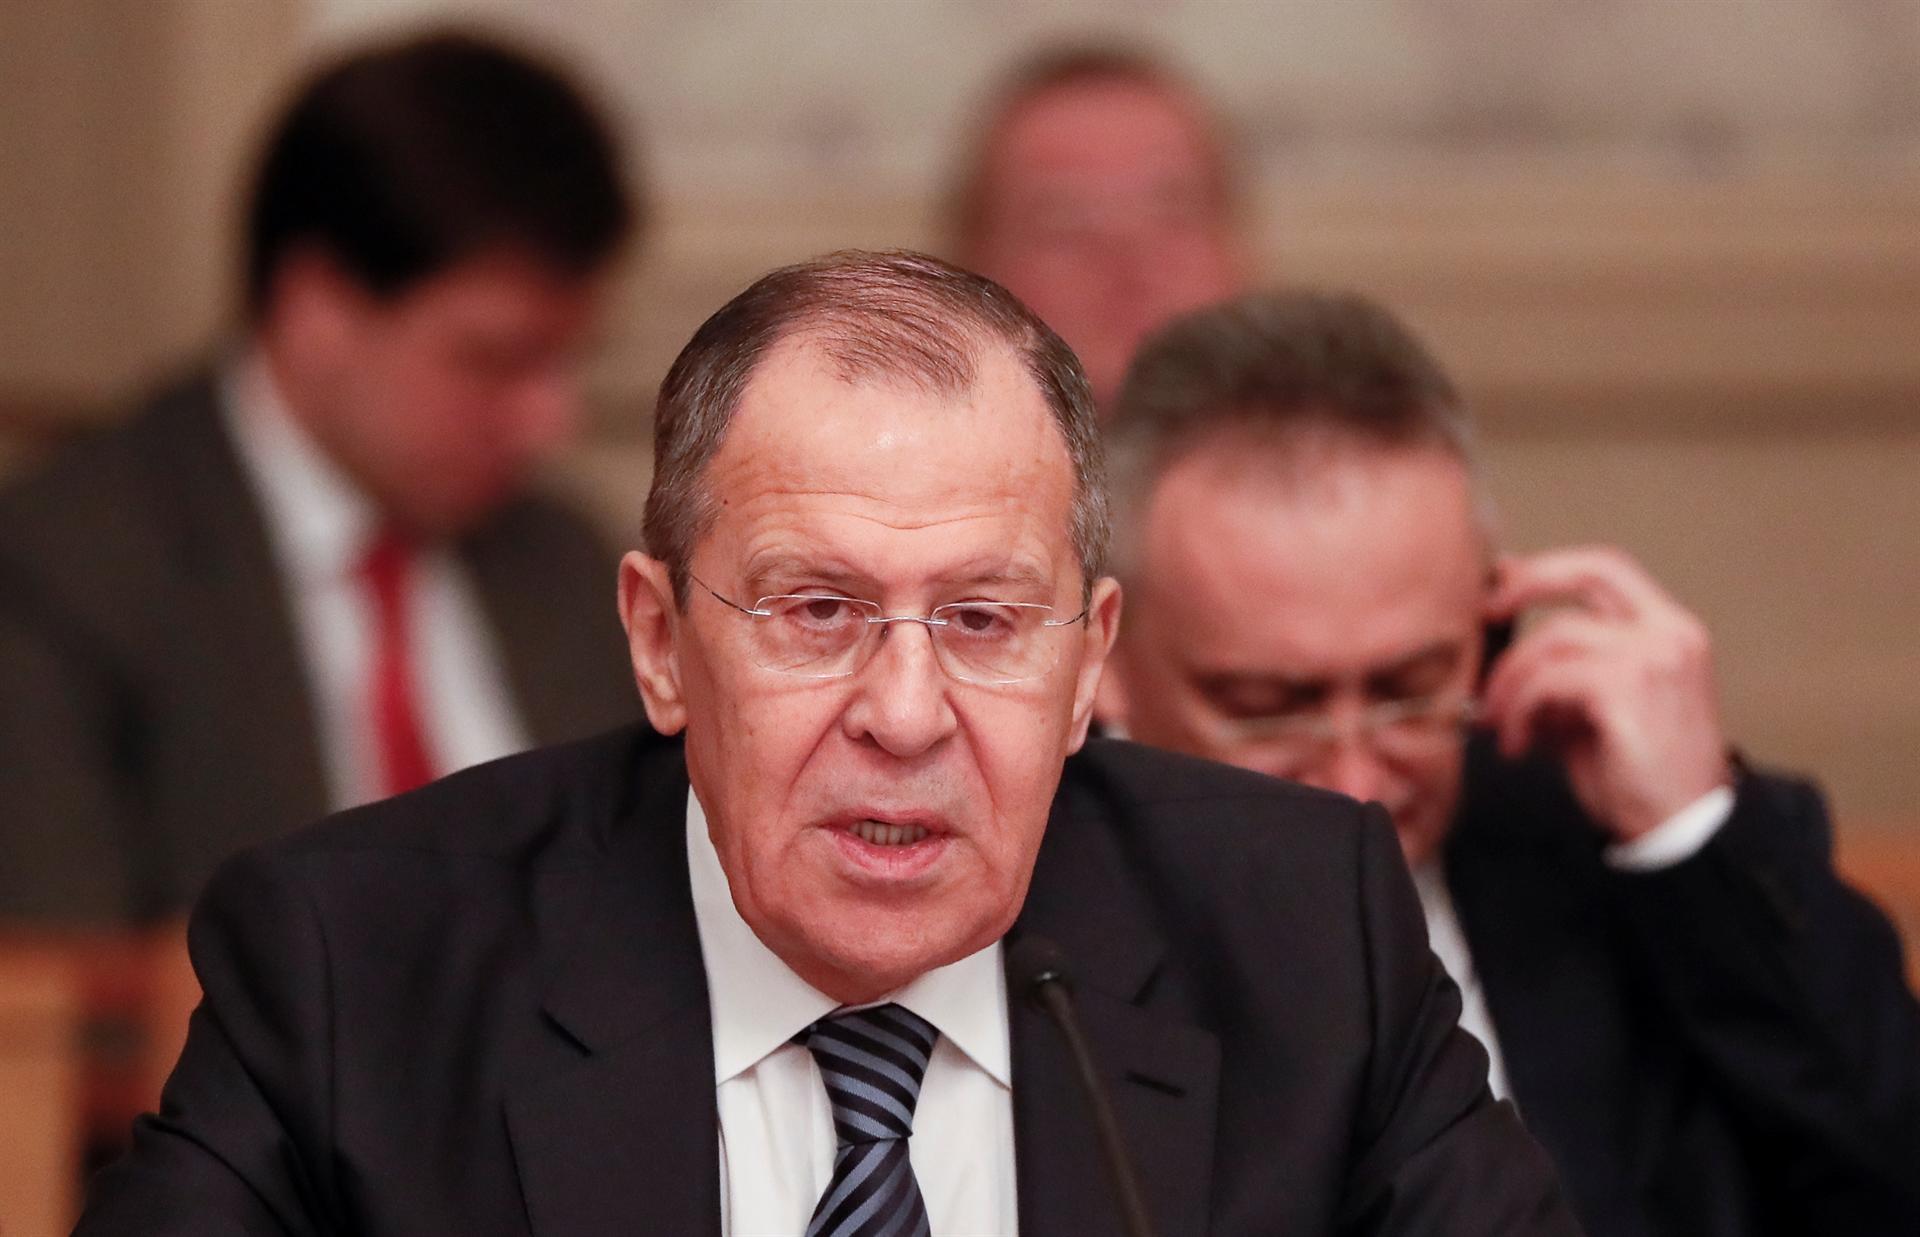 Rusya Dışişleri Bakanı Lavrov: Astana süreci çözüm için en uygun mekanizma